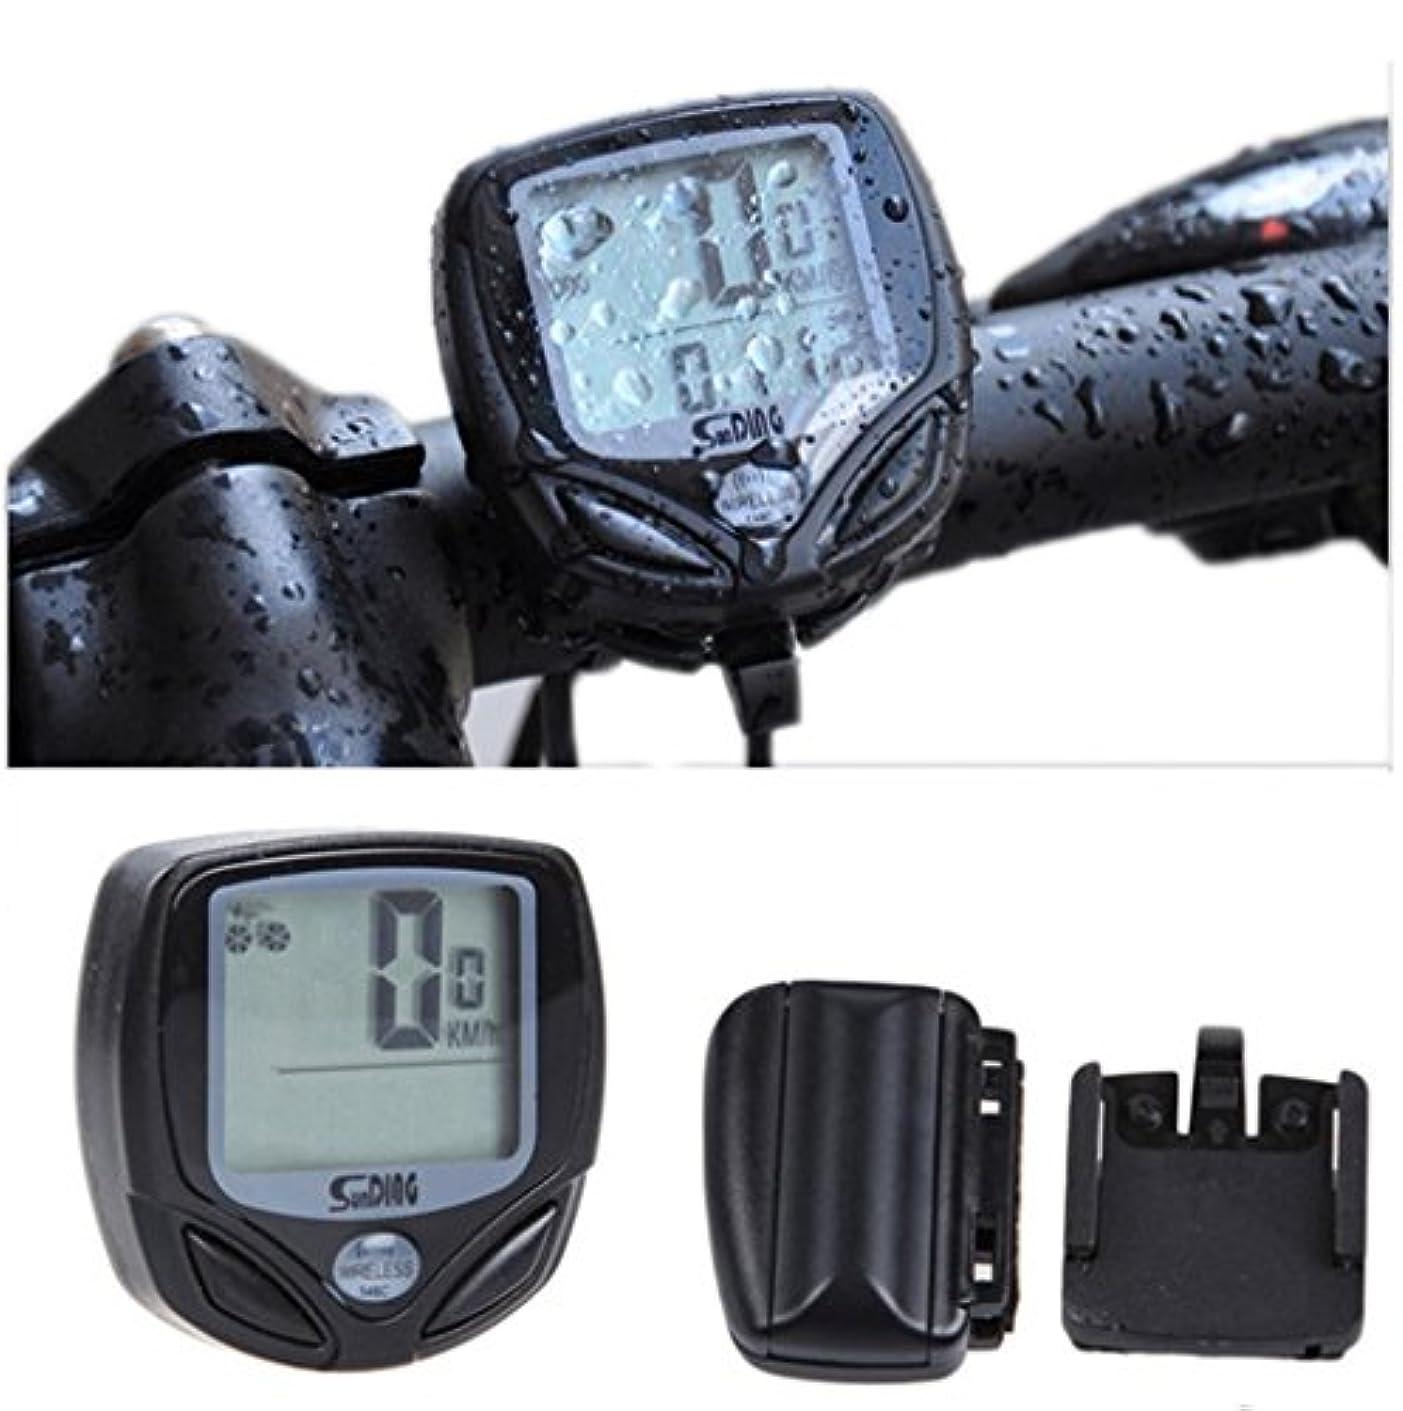 正統派差し迫ったスペード防水サイクリング自転車走行距離計Bycicle速度計、マルチ機能ワイヤレスサイクルコンピュータ